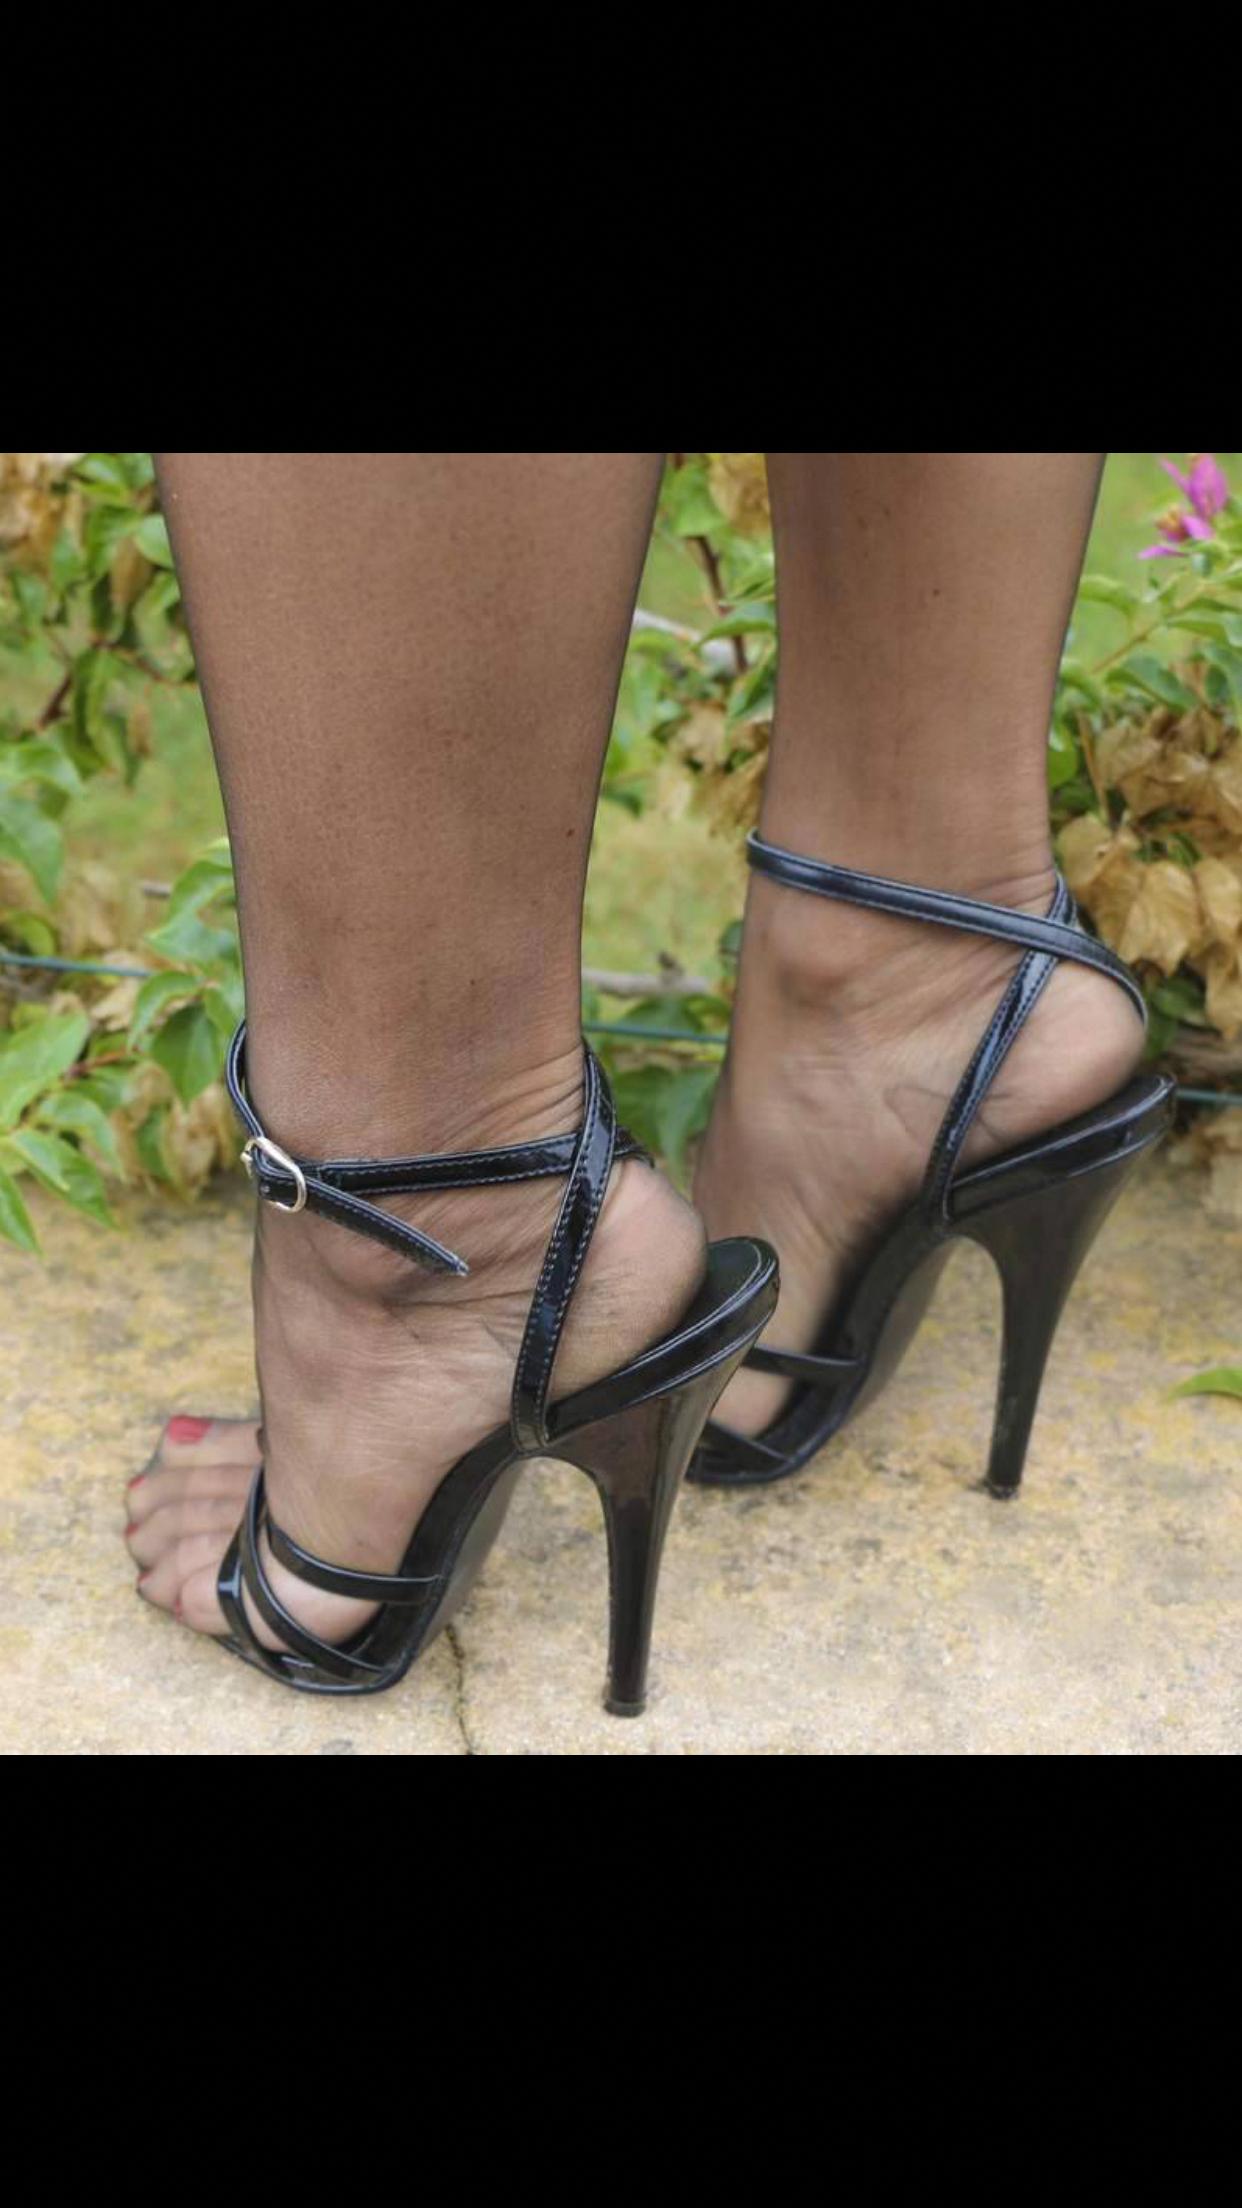 Black High Heels Shiny #Stilettoheels